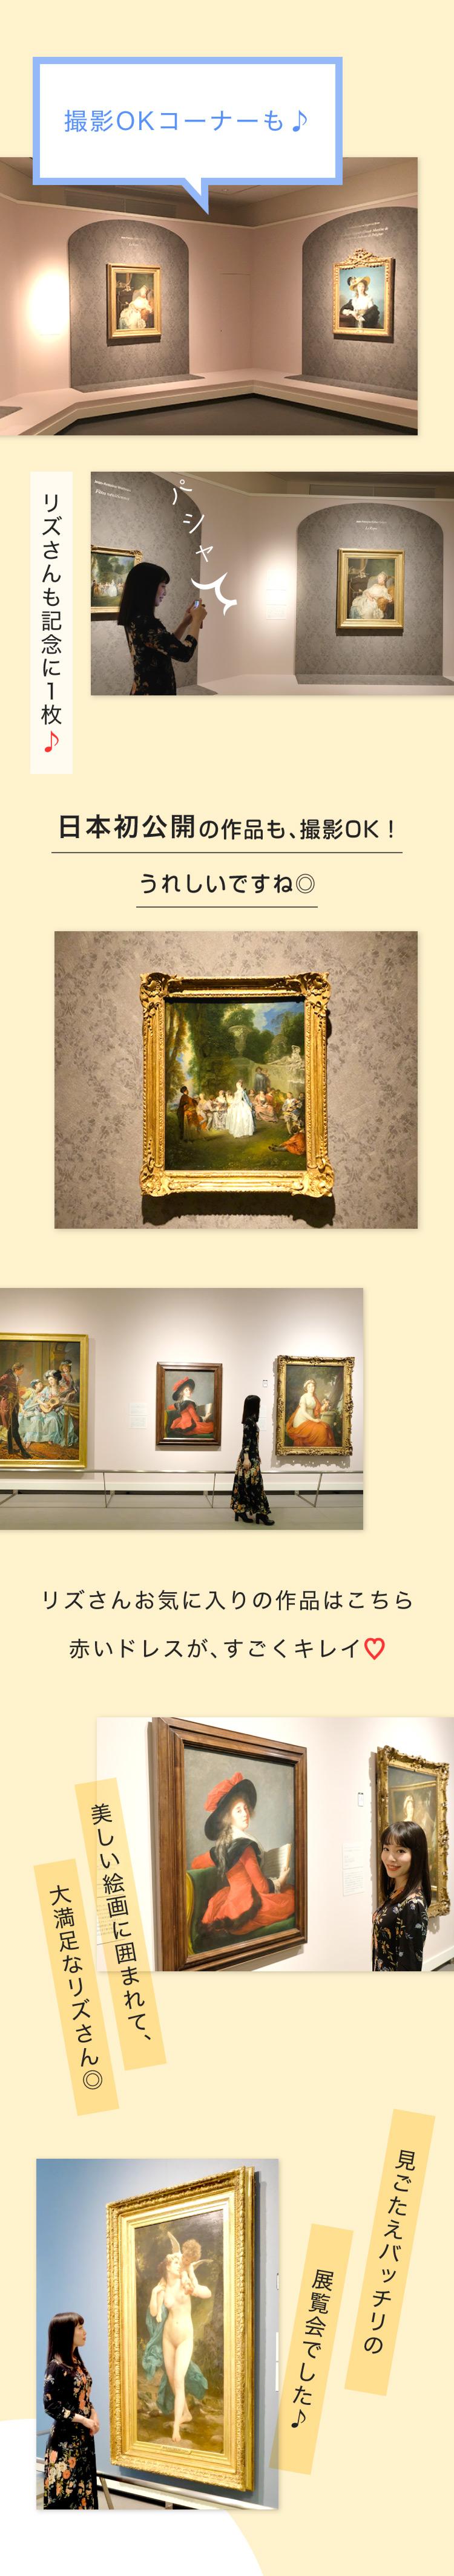 東京富士美術館 フランス絵画の精華 ポリニャック公爵夫人